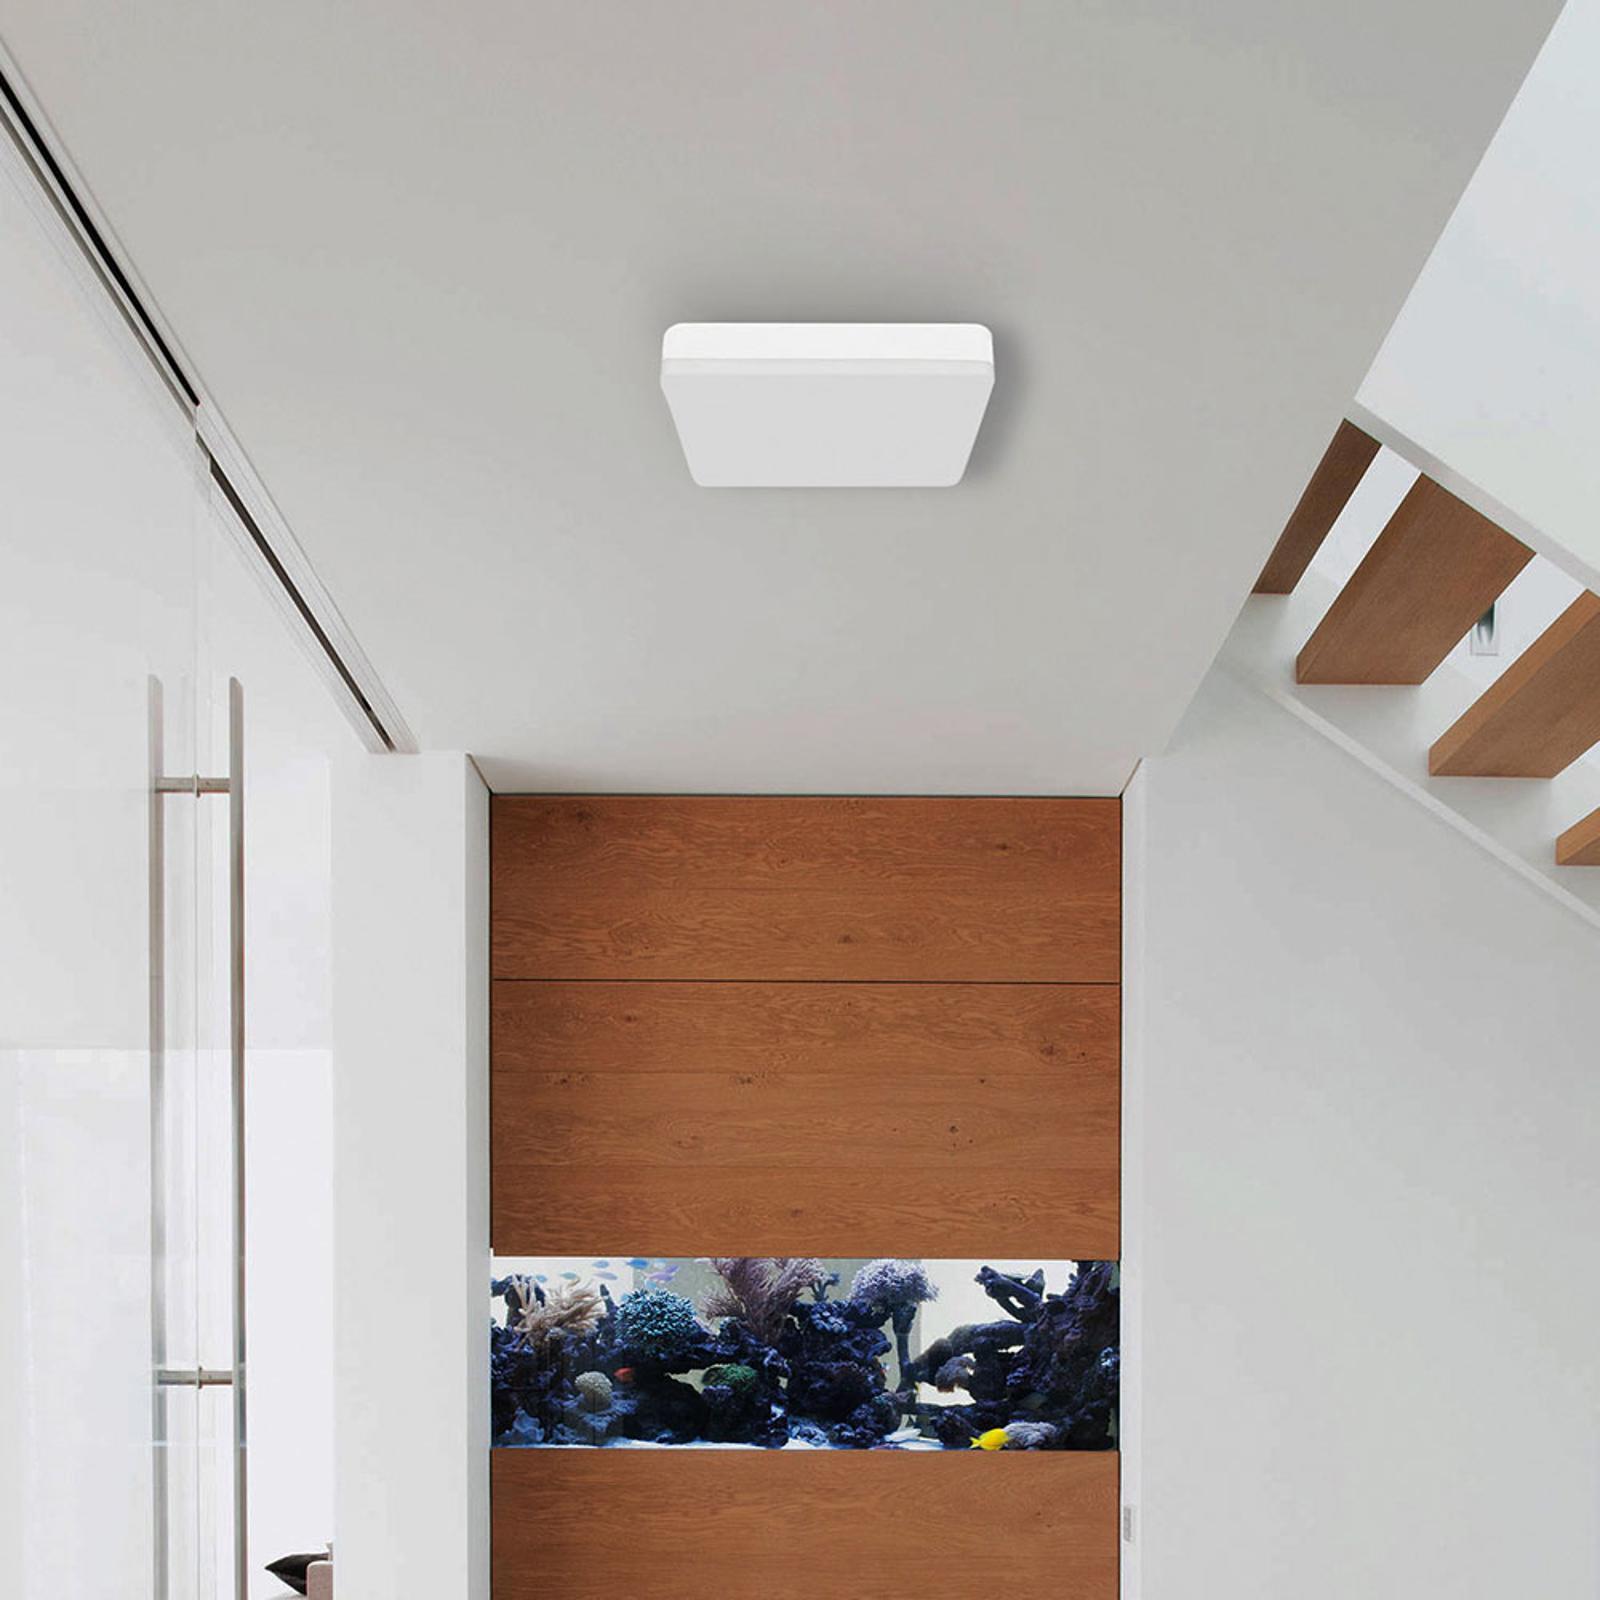 Lampa sufitowa LED do łazienki Square z czujnikiem